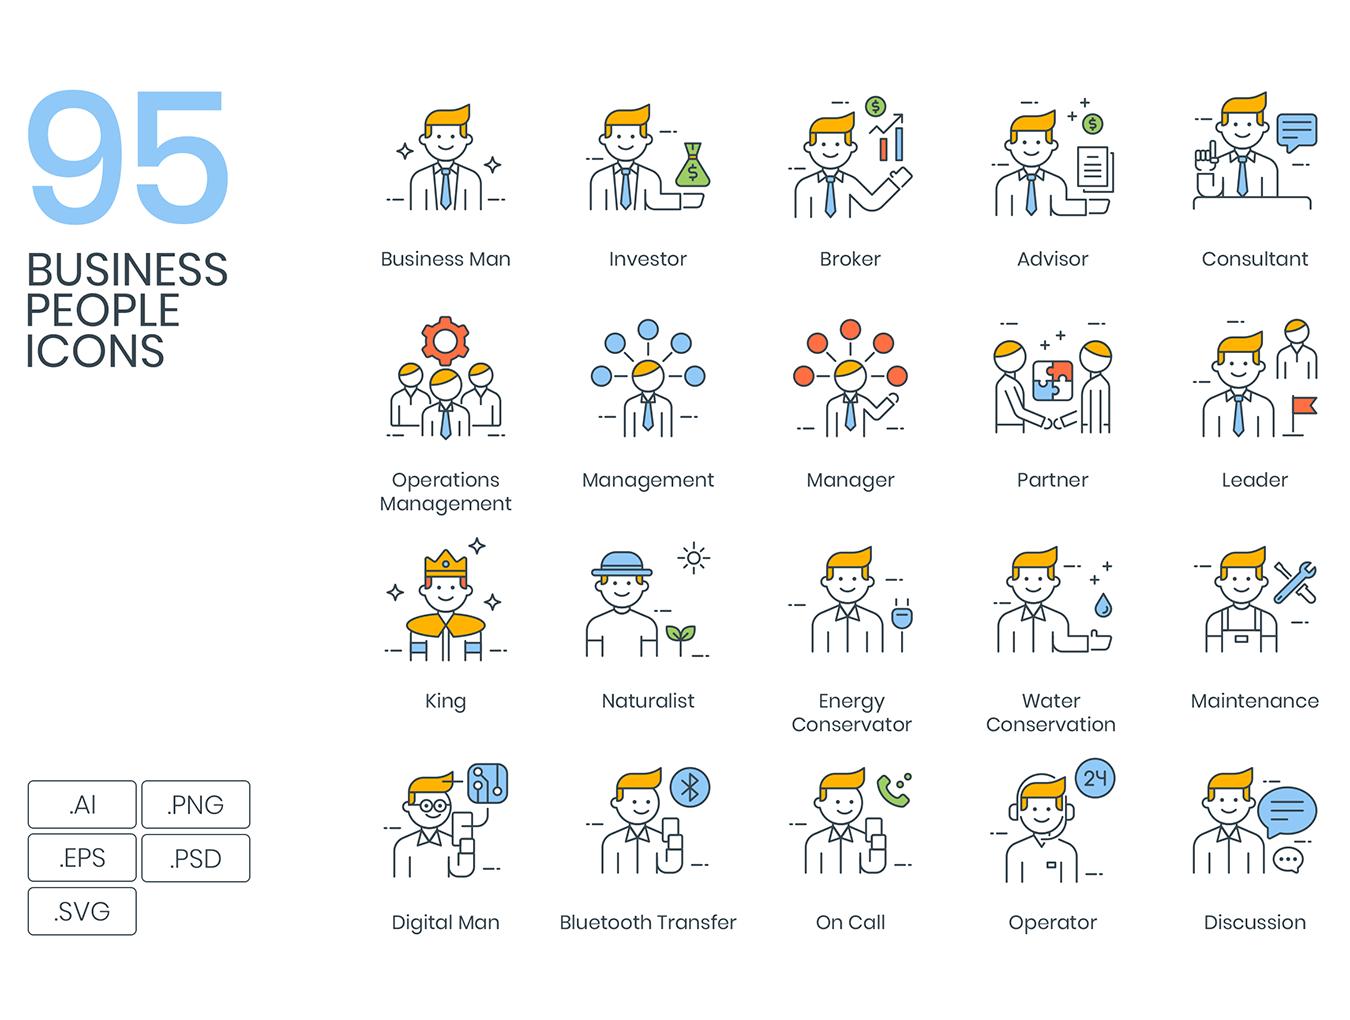 95款高质量商务人士创意矢量图标 95 Business People Icons插图